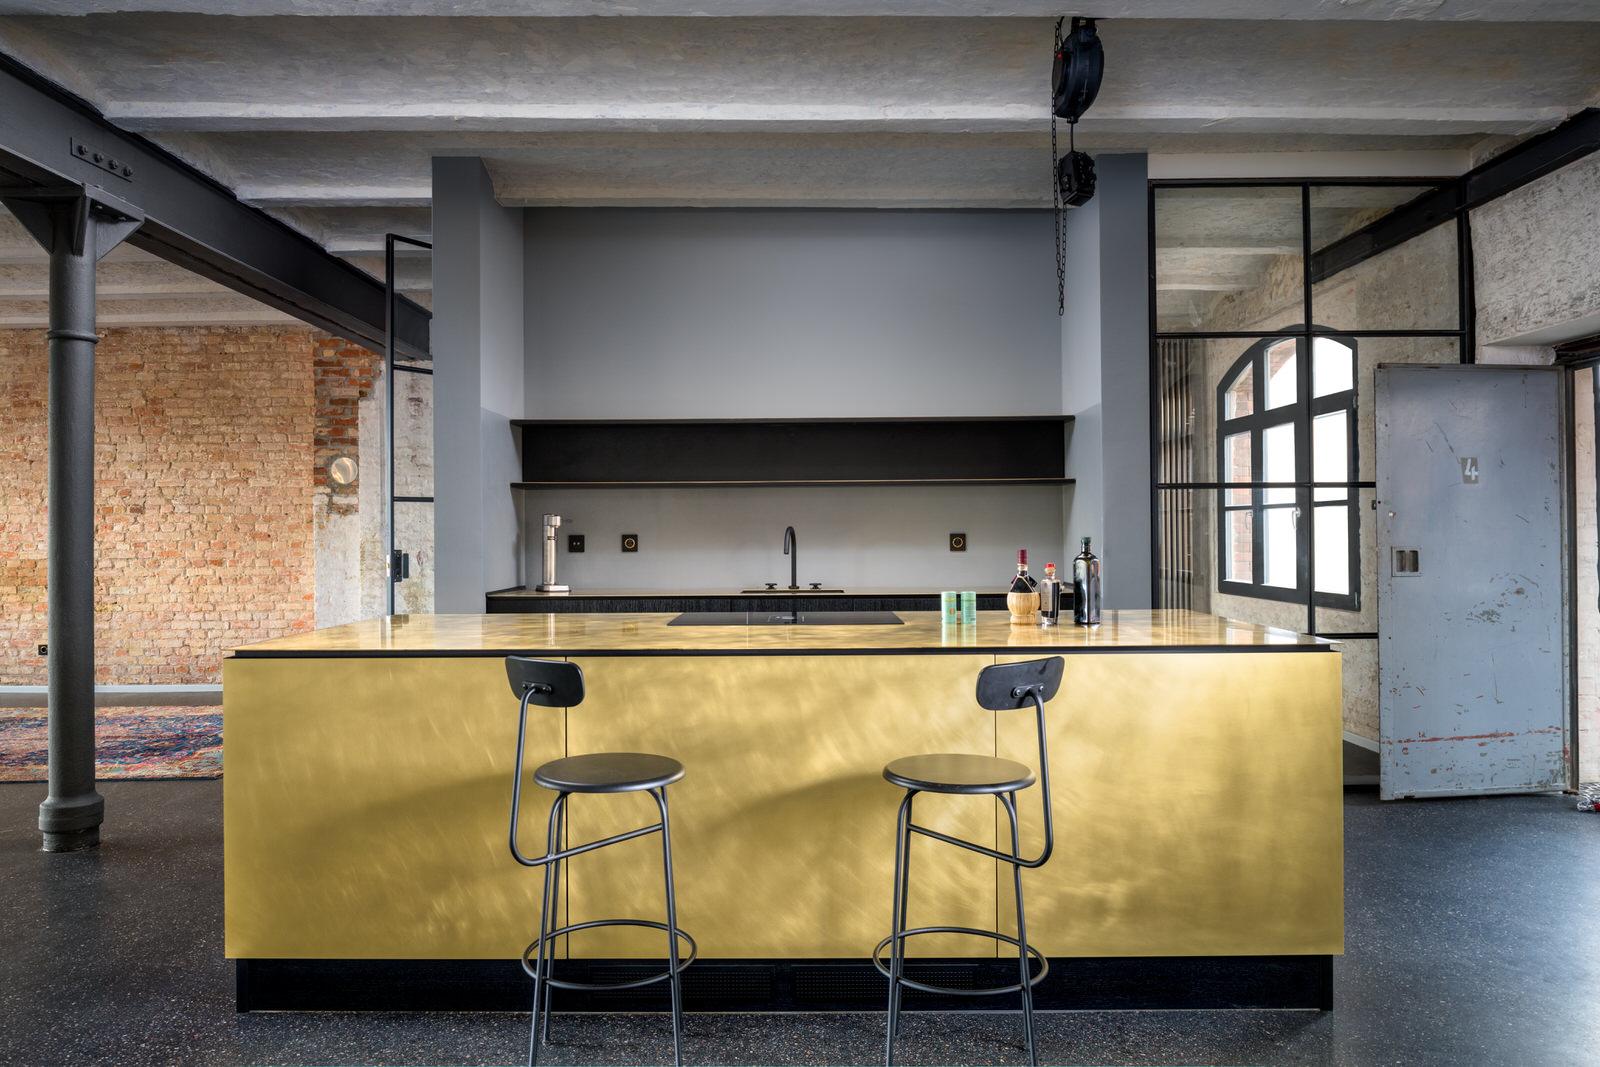 moderne Küche mit Kücheninsel in einer Loft in Berlin